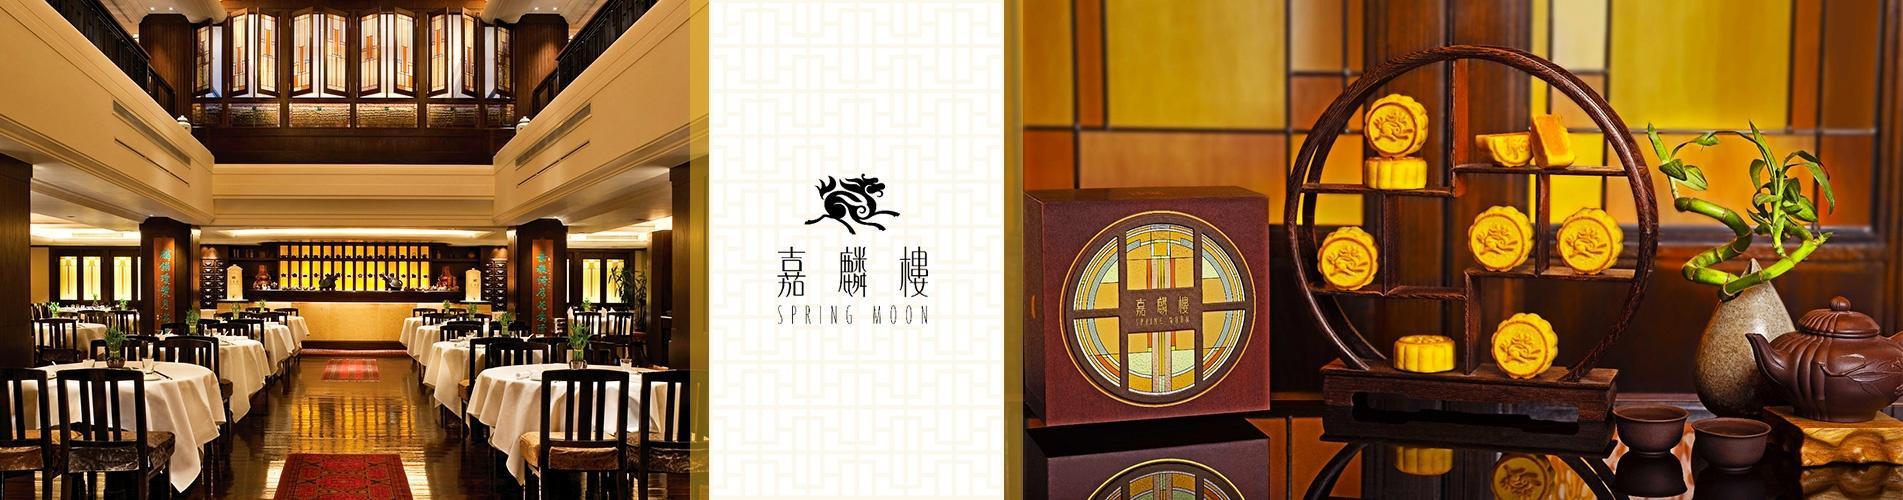 香港半島酒店限量迷你奶黃月餅禮券 (米芝蓮食府嘉麟樓)